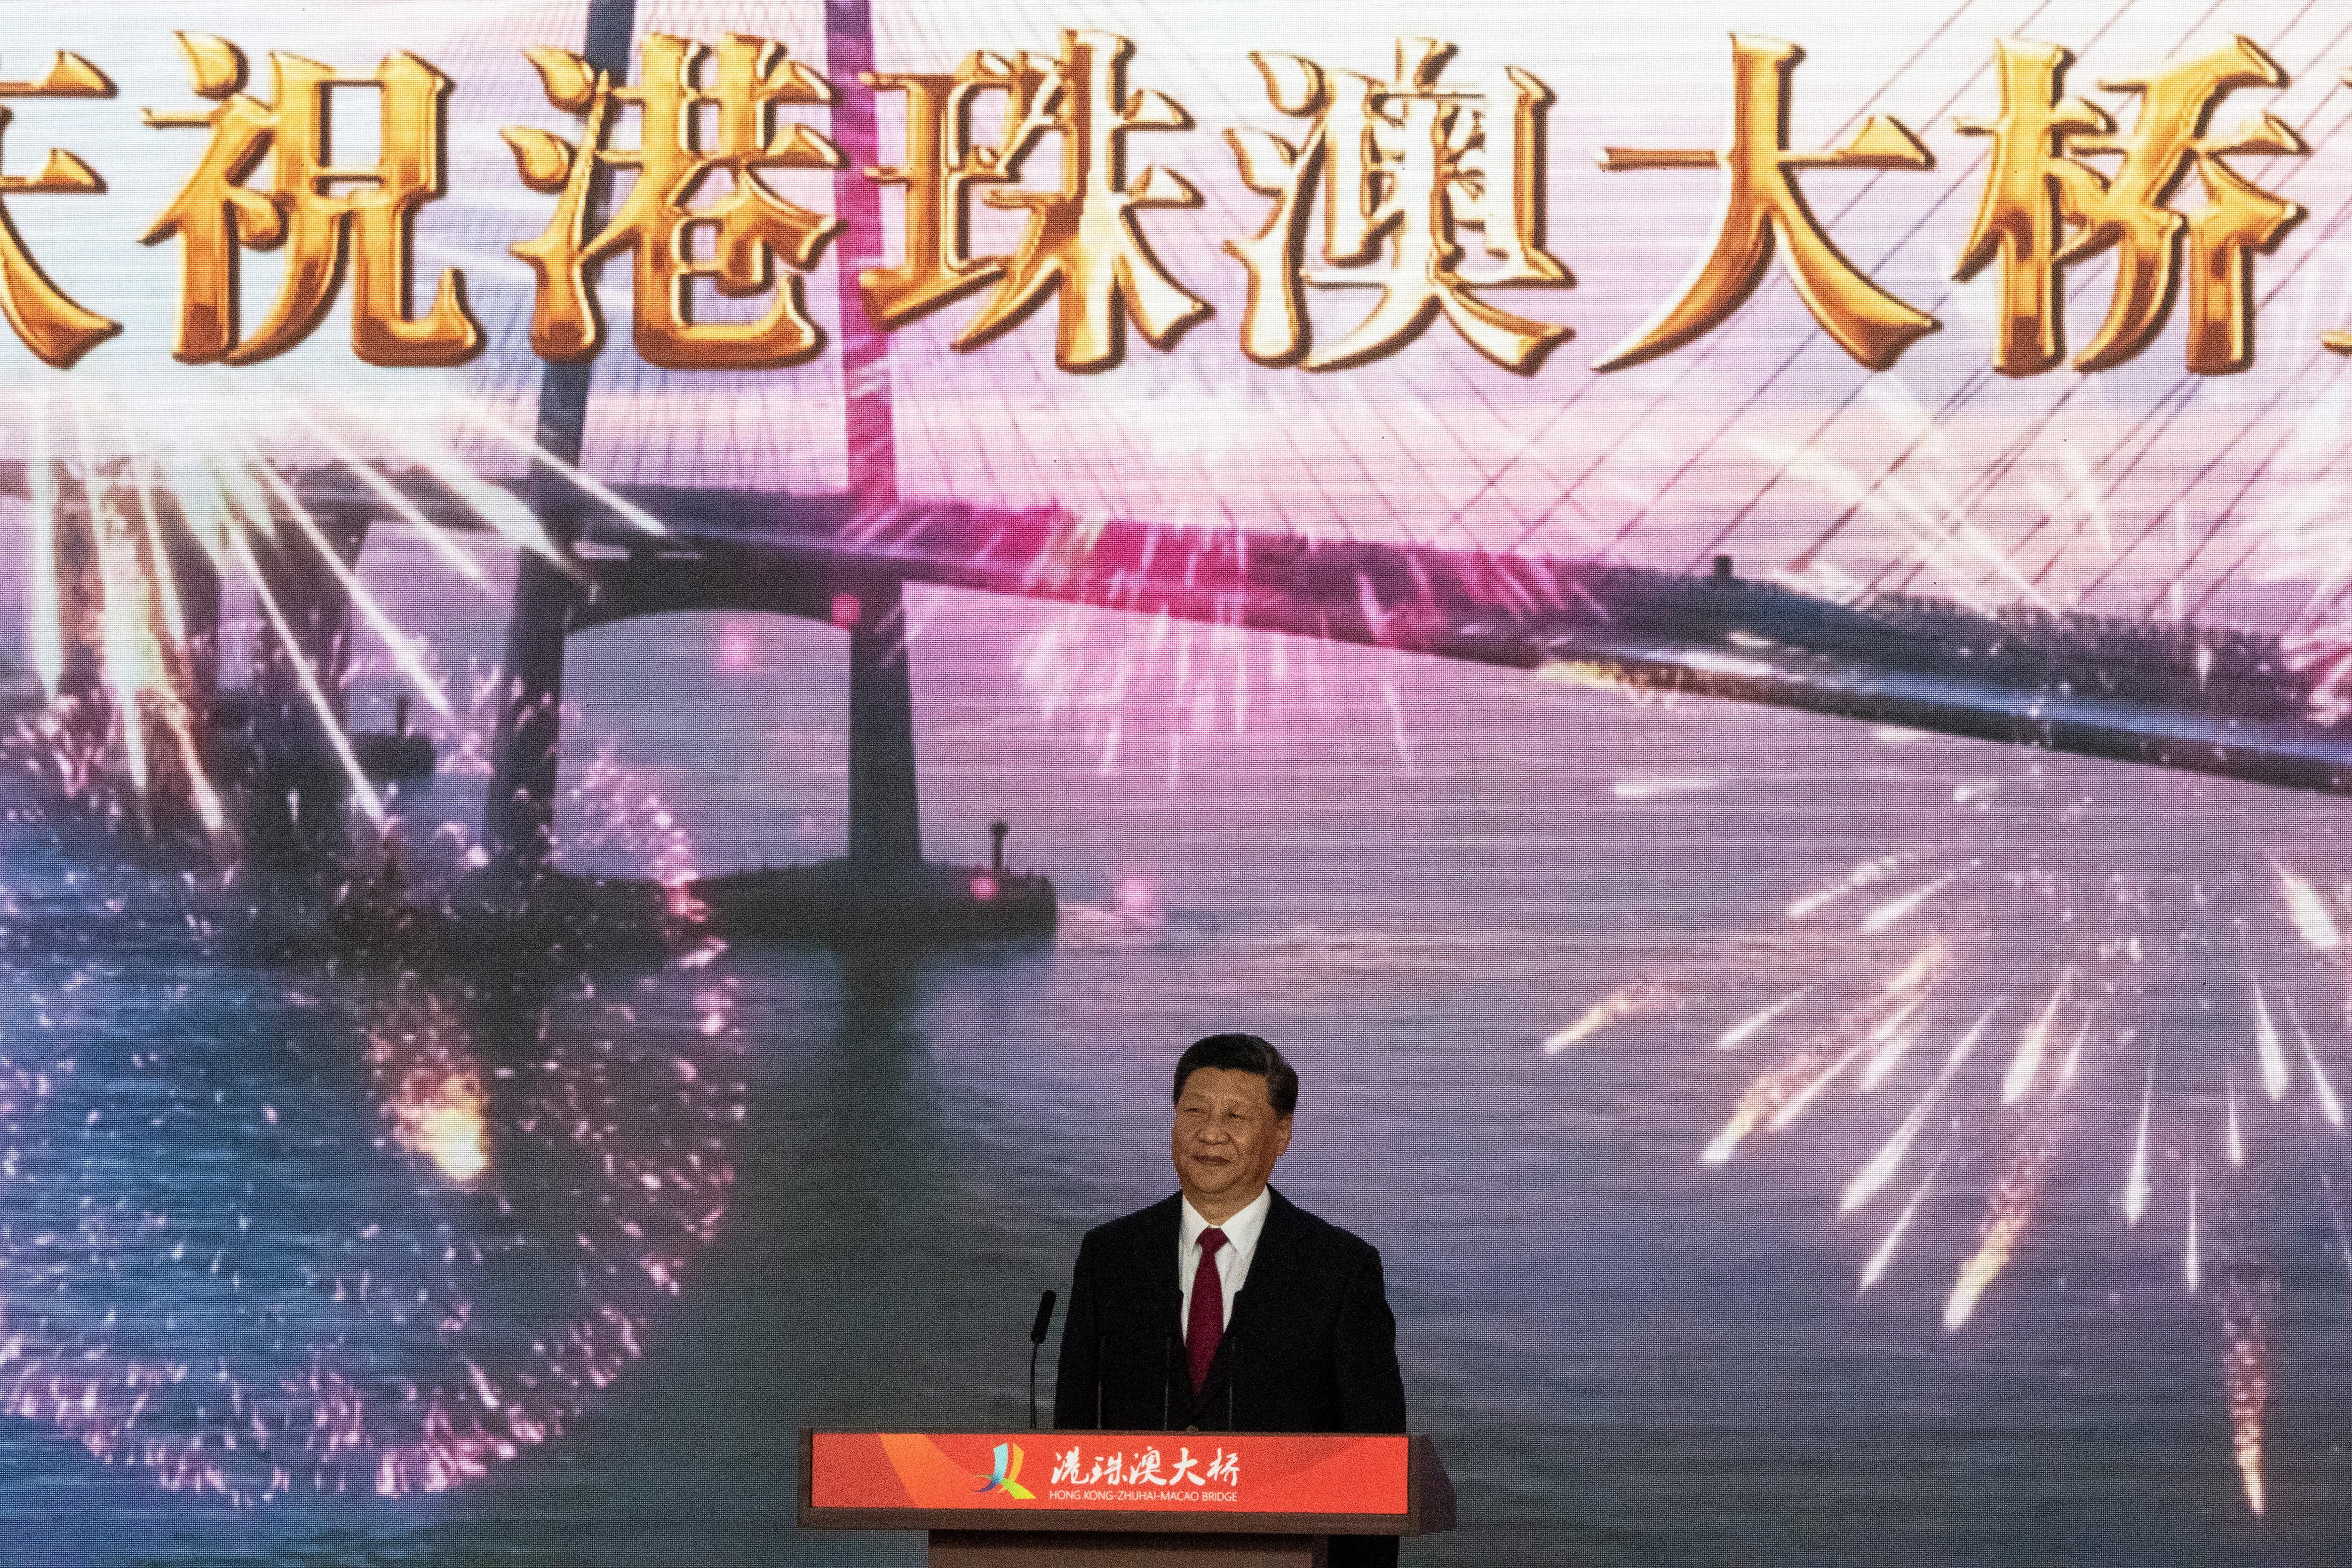 Xi presidió este martes los actos de inauguración acompañado de los máximos mandatarios de las tres ciudades que conectará este puente, pero evitó los discursos, que corrieron a cargo de la jefe de Gobierno de Hong Kong, Carrie Lam , y su homólogo de Macao, Fernando Chui Sai-on, así como el viceprimer ministro chino Han Zheng